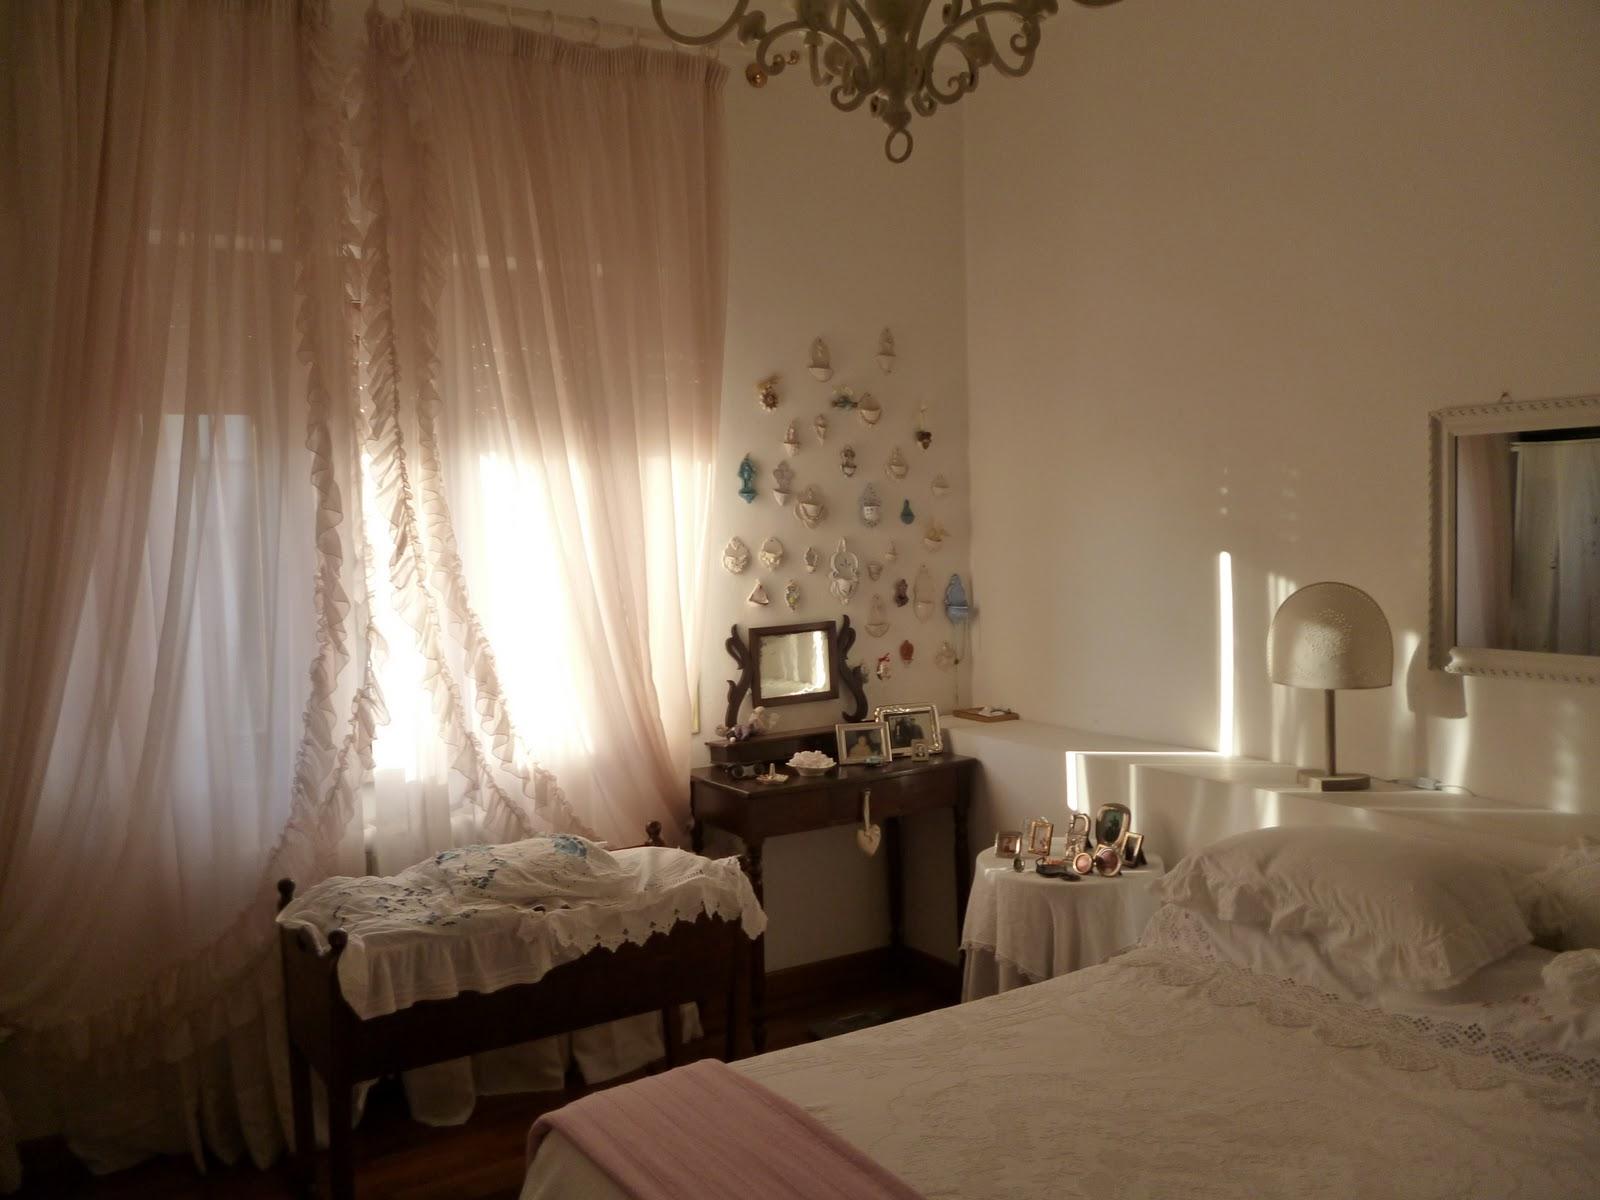 Foto Di Camere Da Letto Romantiche : La camera da letto romantica cameretta shabby chic romanticismo